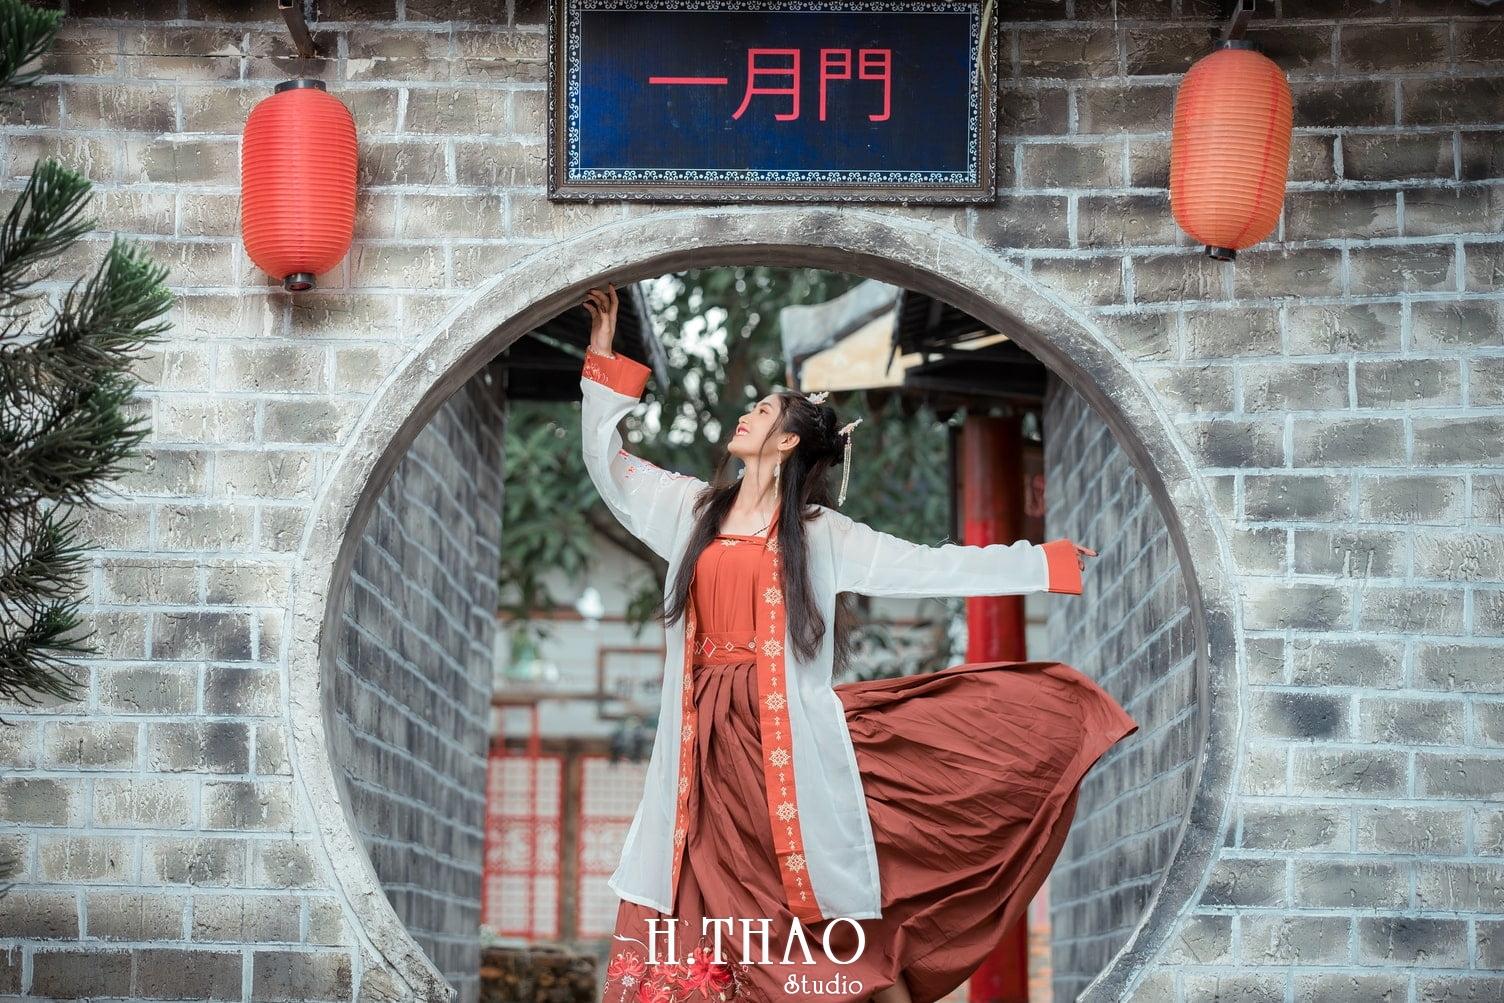 Anh tieu long nu 1 - Album ảnh chụp cổ trang cá nhân theo concept đời đường - HThao Studio